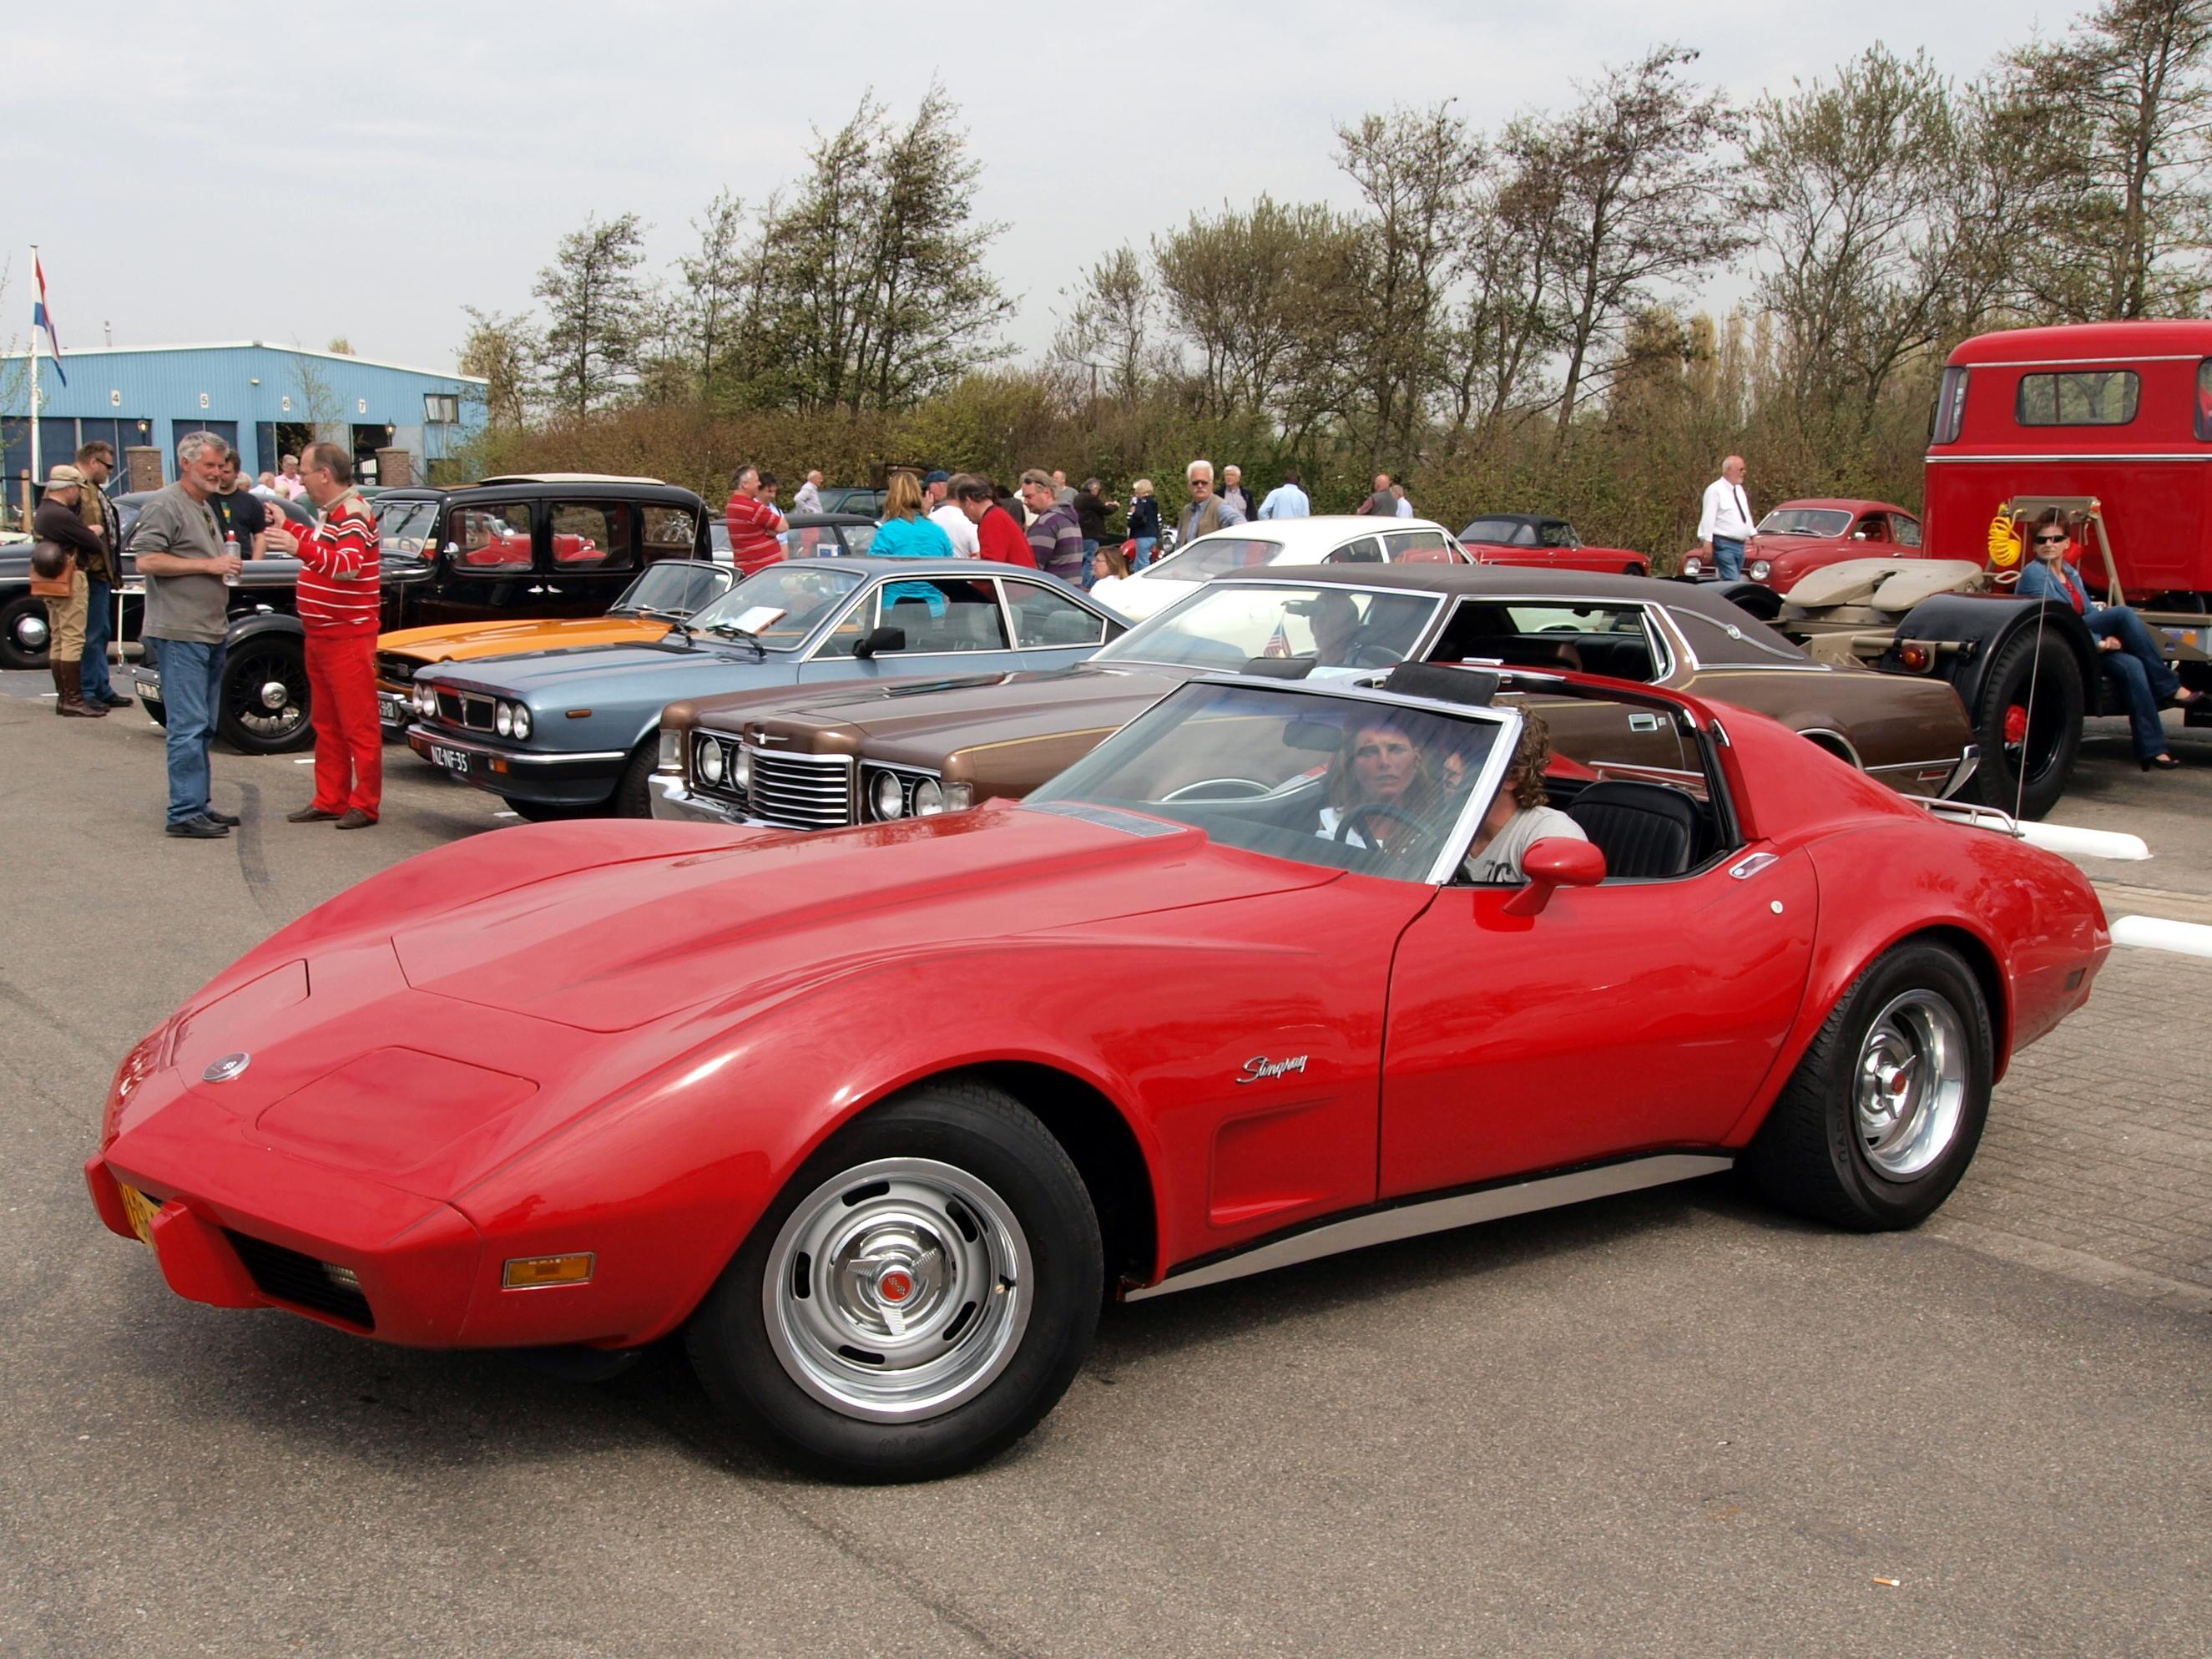 Red Stingray Corvette